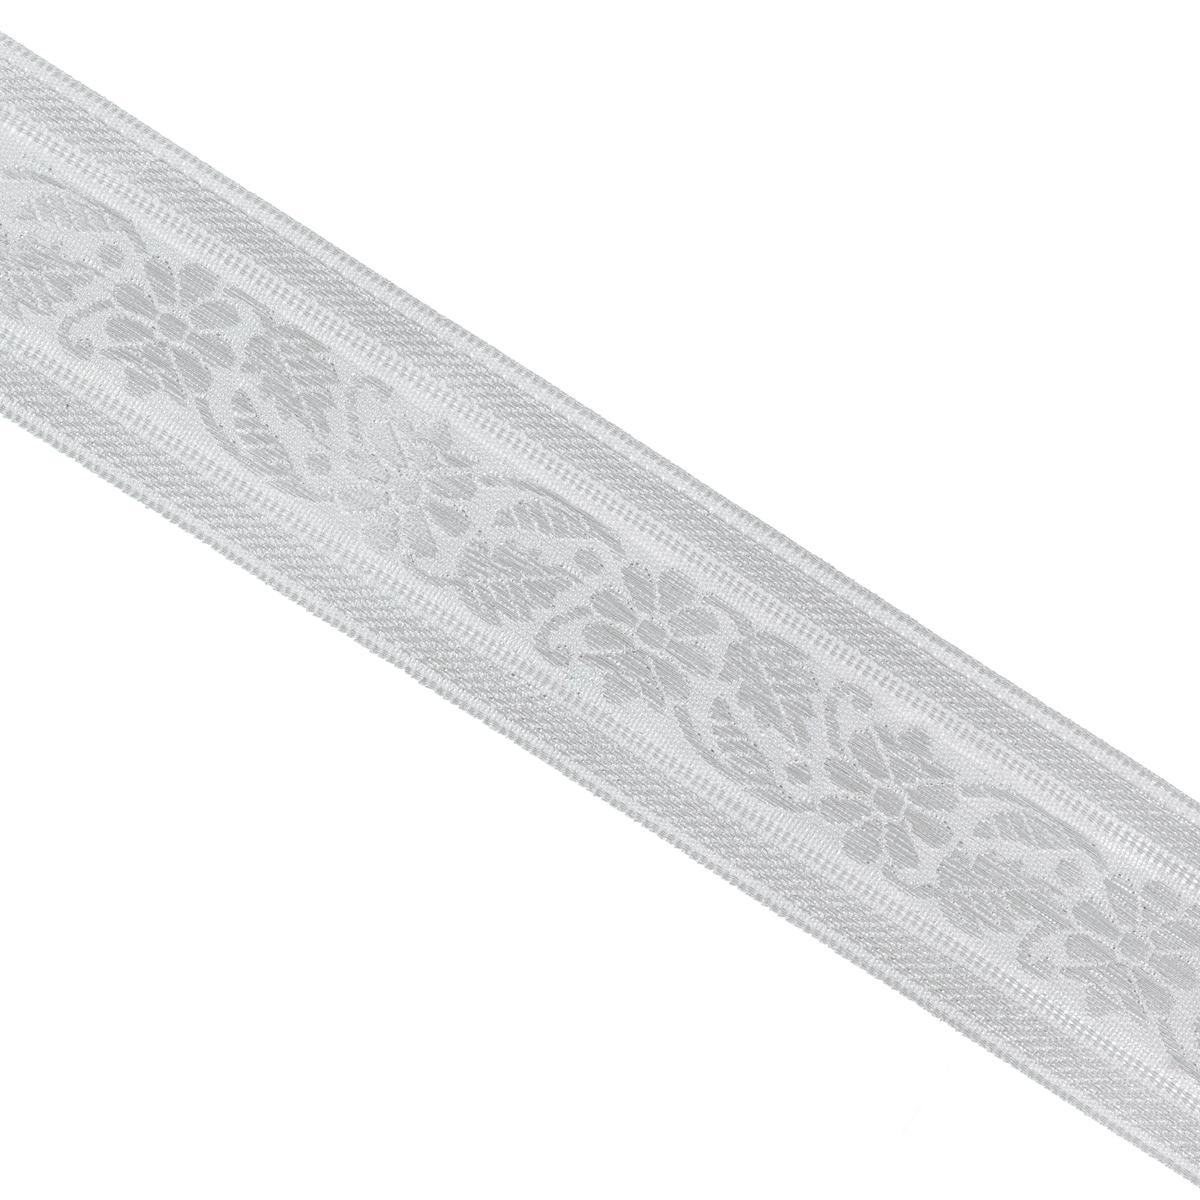 Тесьма декоративная Астра, цвет: серебро, ширина 4 см, длина 16,4 м. 77032137703213_сереброДекоративная тесьма Астра выполнена из текстиля и оформлена оригинальным жаккардовым орнаментом. Такая тесьма идеально подойдет для оформления различных творческих работ таких, как скрапбукинг, аппликация, декор коробок и открыток и многое другое. Тесьма наивысшего качества и практична в использовании. Она станет незаменимым элементом в создании рукотворного шедевра. Ширина: 4 см. Длина: 16,4 м.